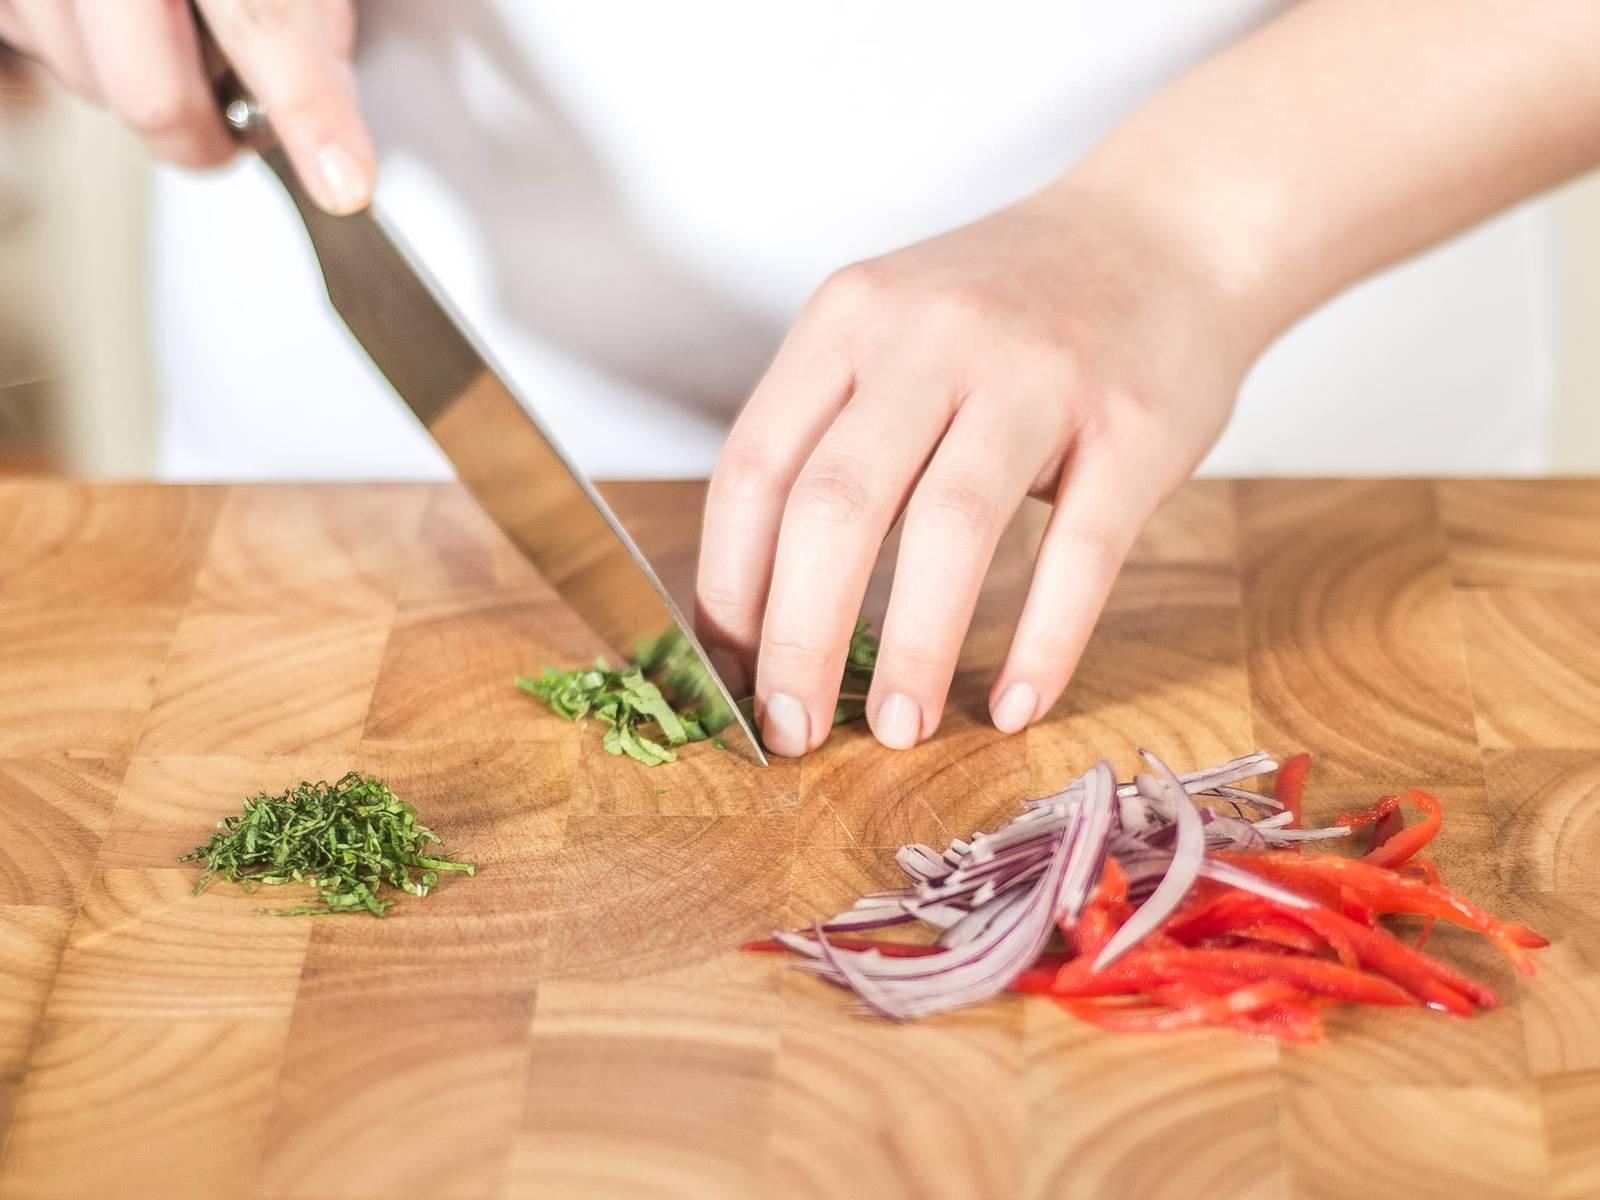 这期间将灯笼椒与洋葱切细条,薄荷叶切细丝,放入大碗中。